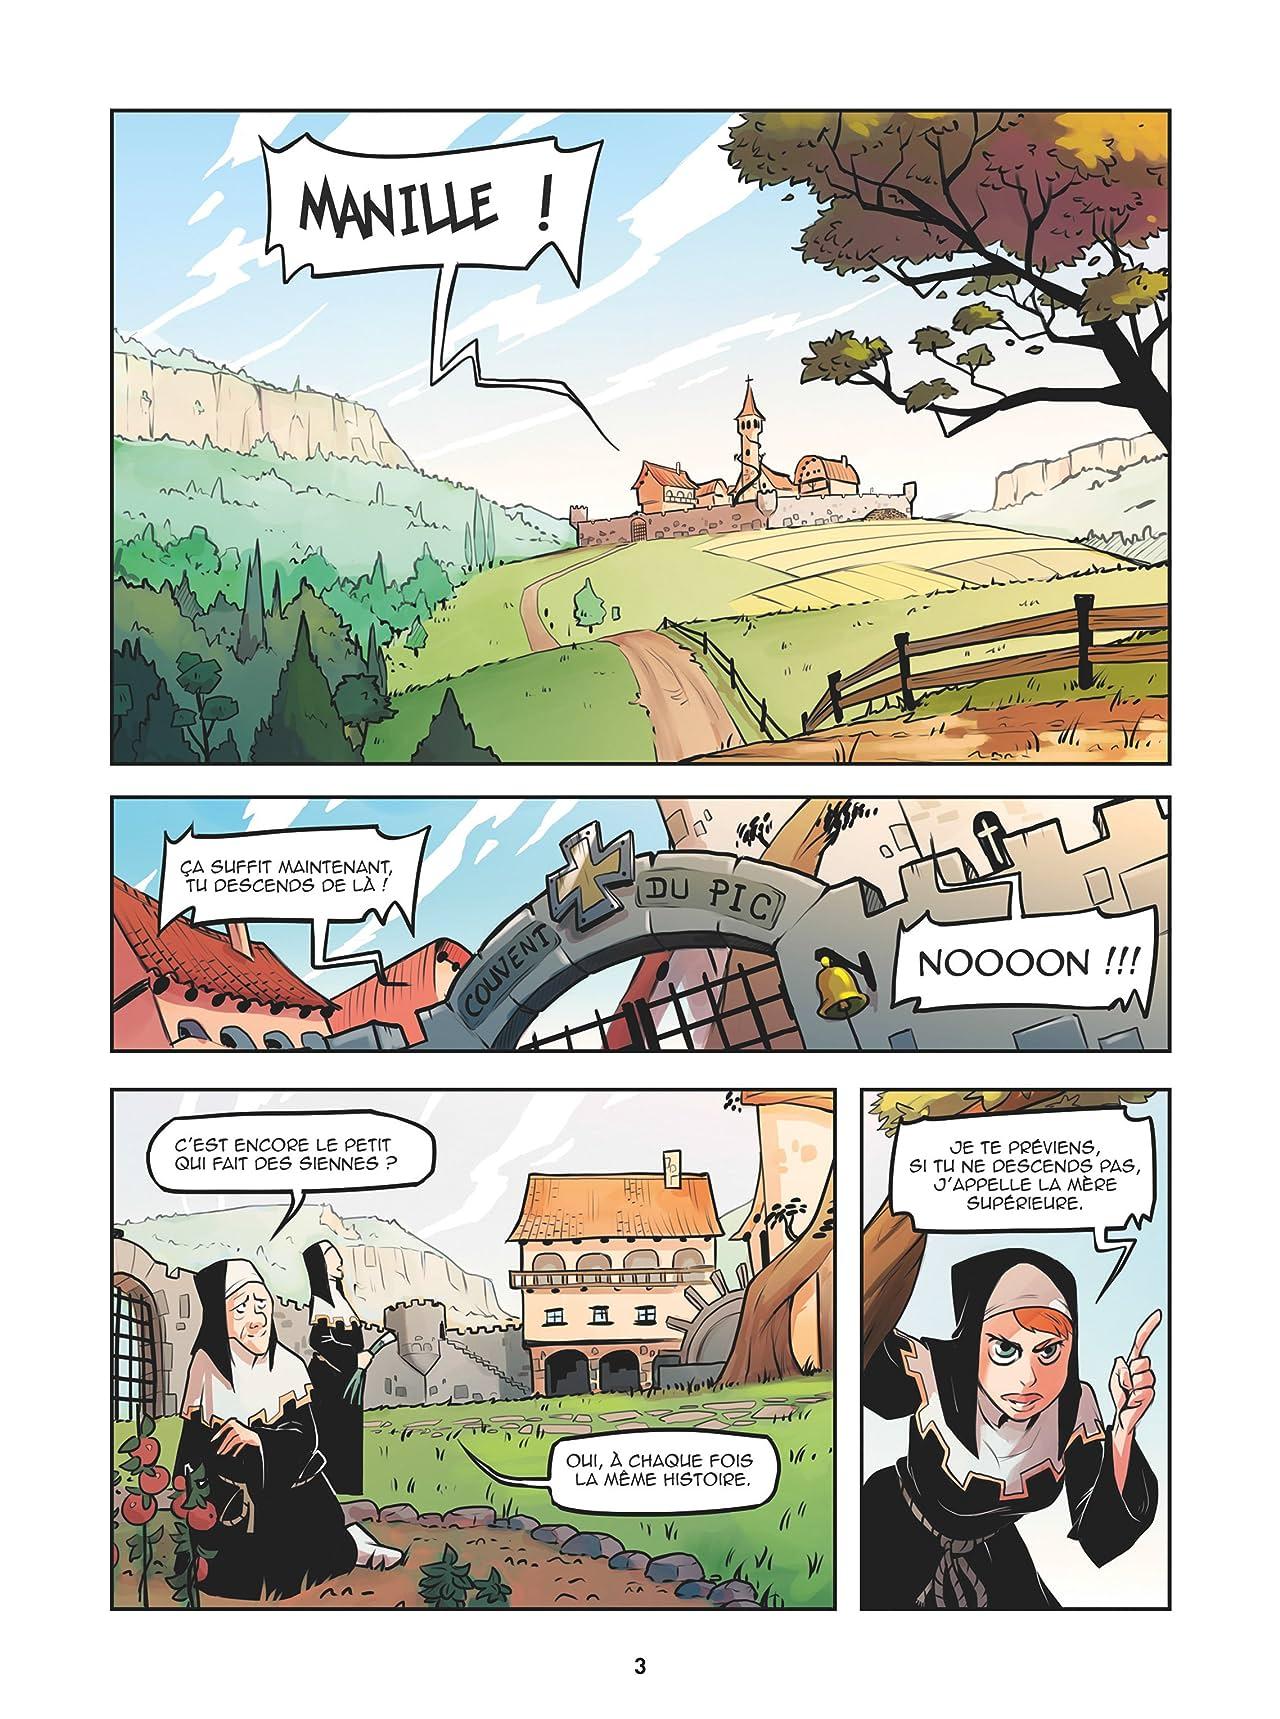 Les chevaliers de la chouette Vol. 1